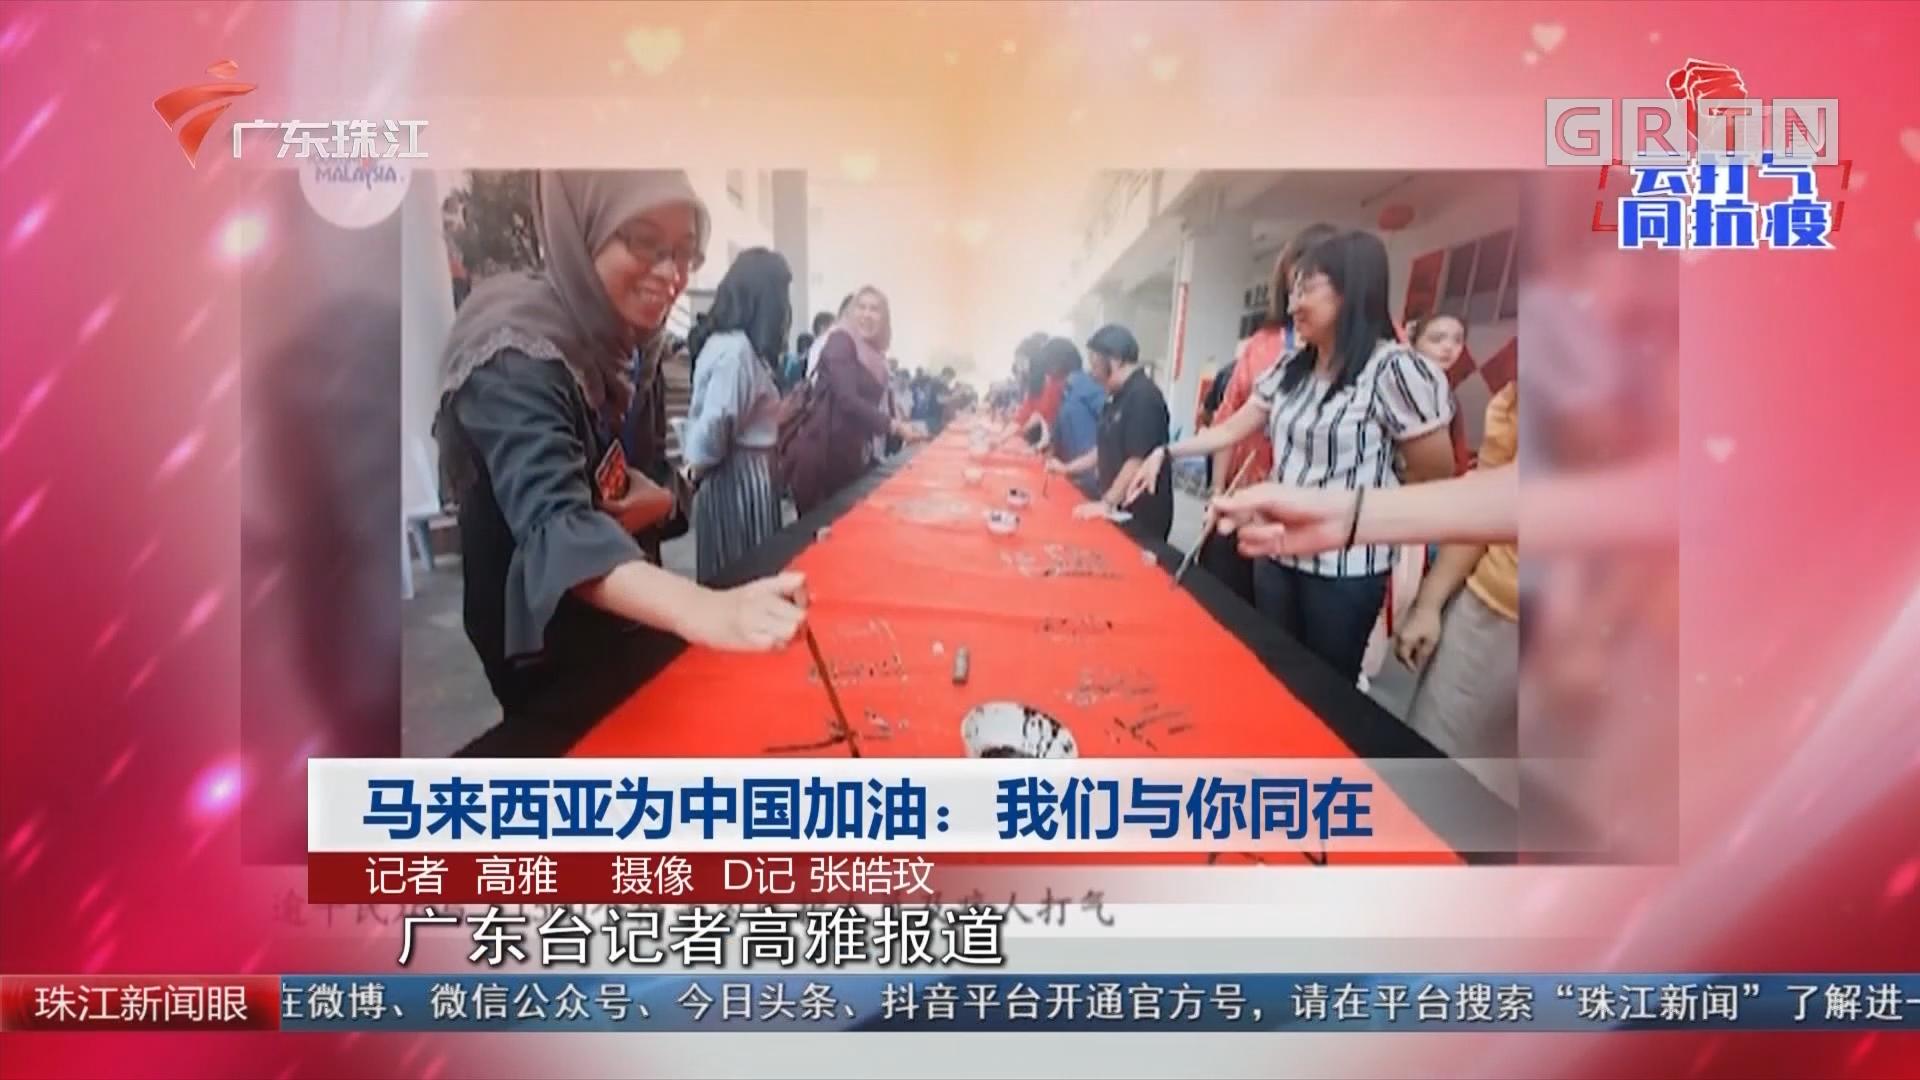 马来西亚为中国加油:我们与你同在